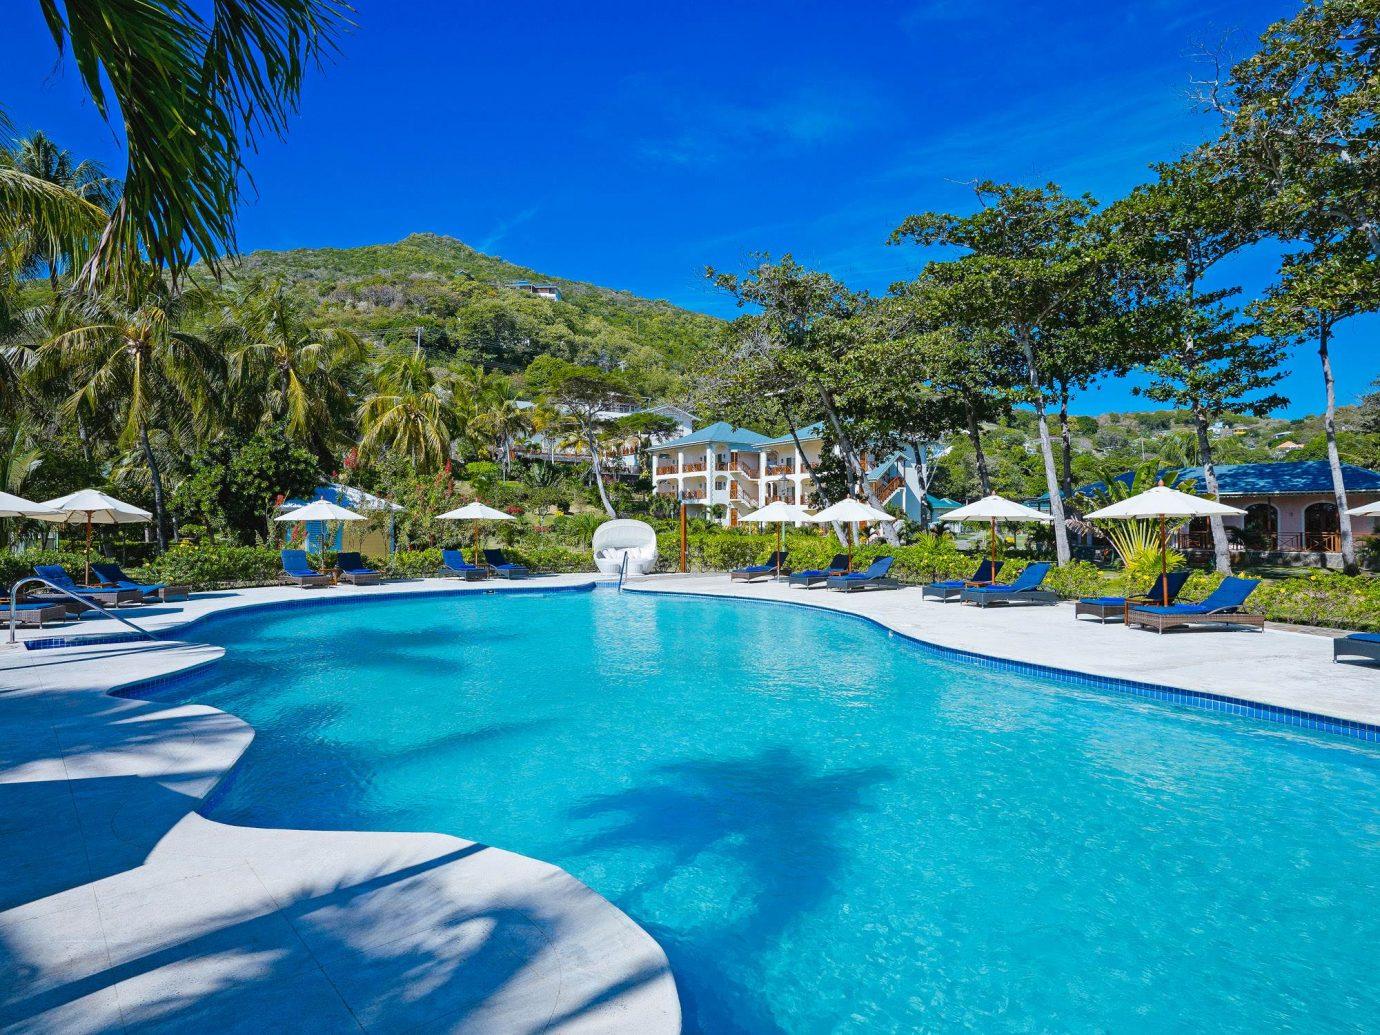 Main pool at Bequia Beach Hotel